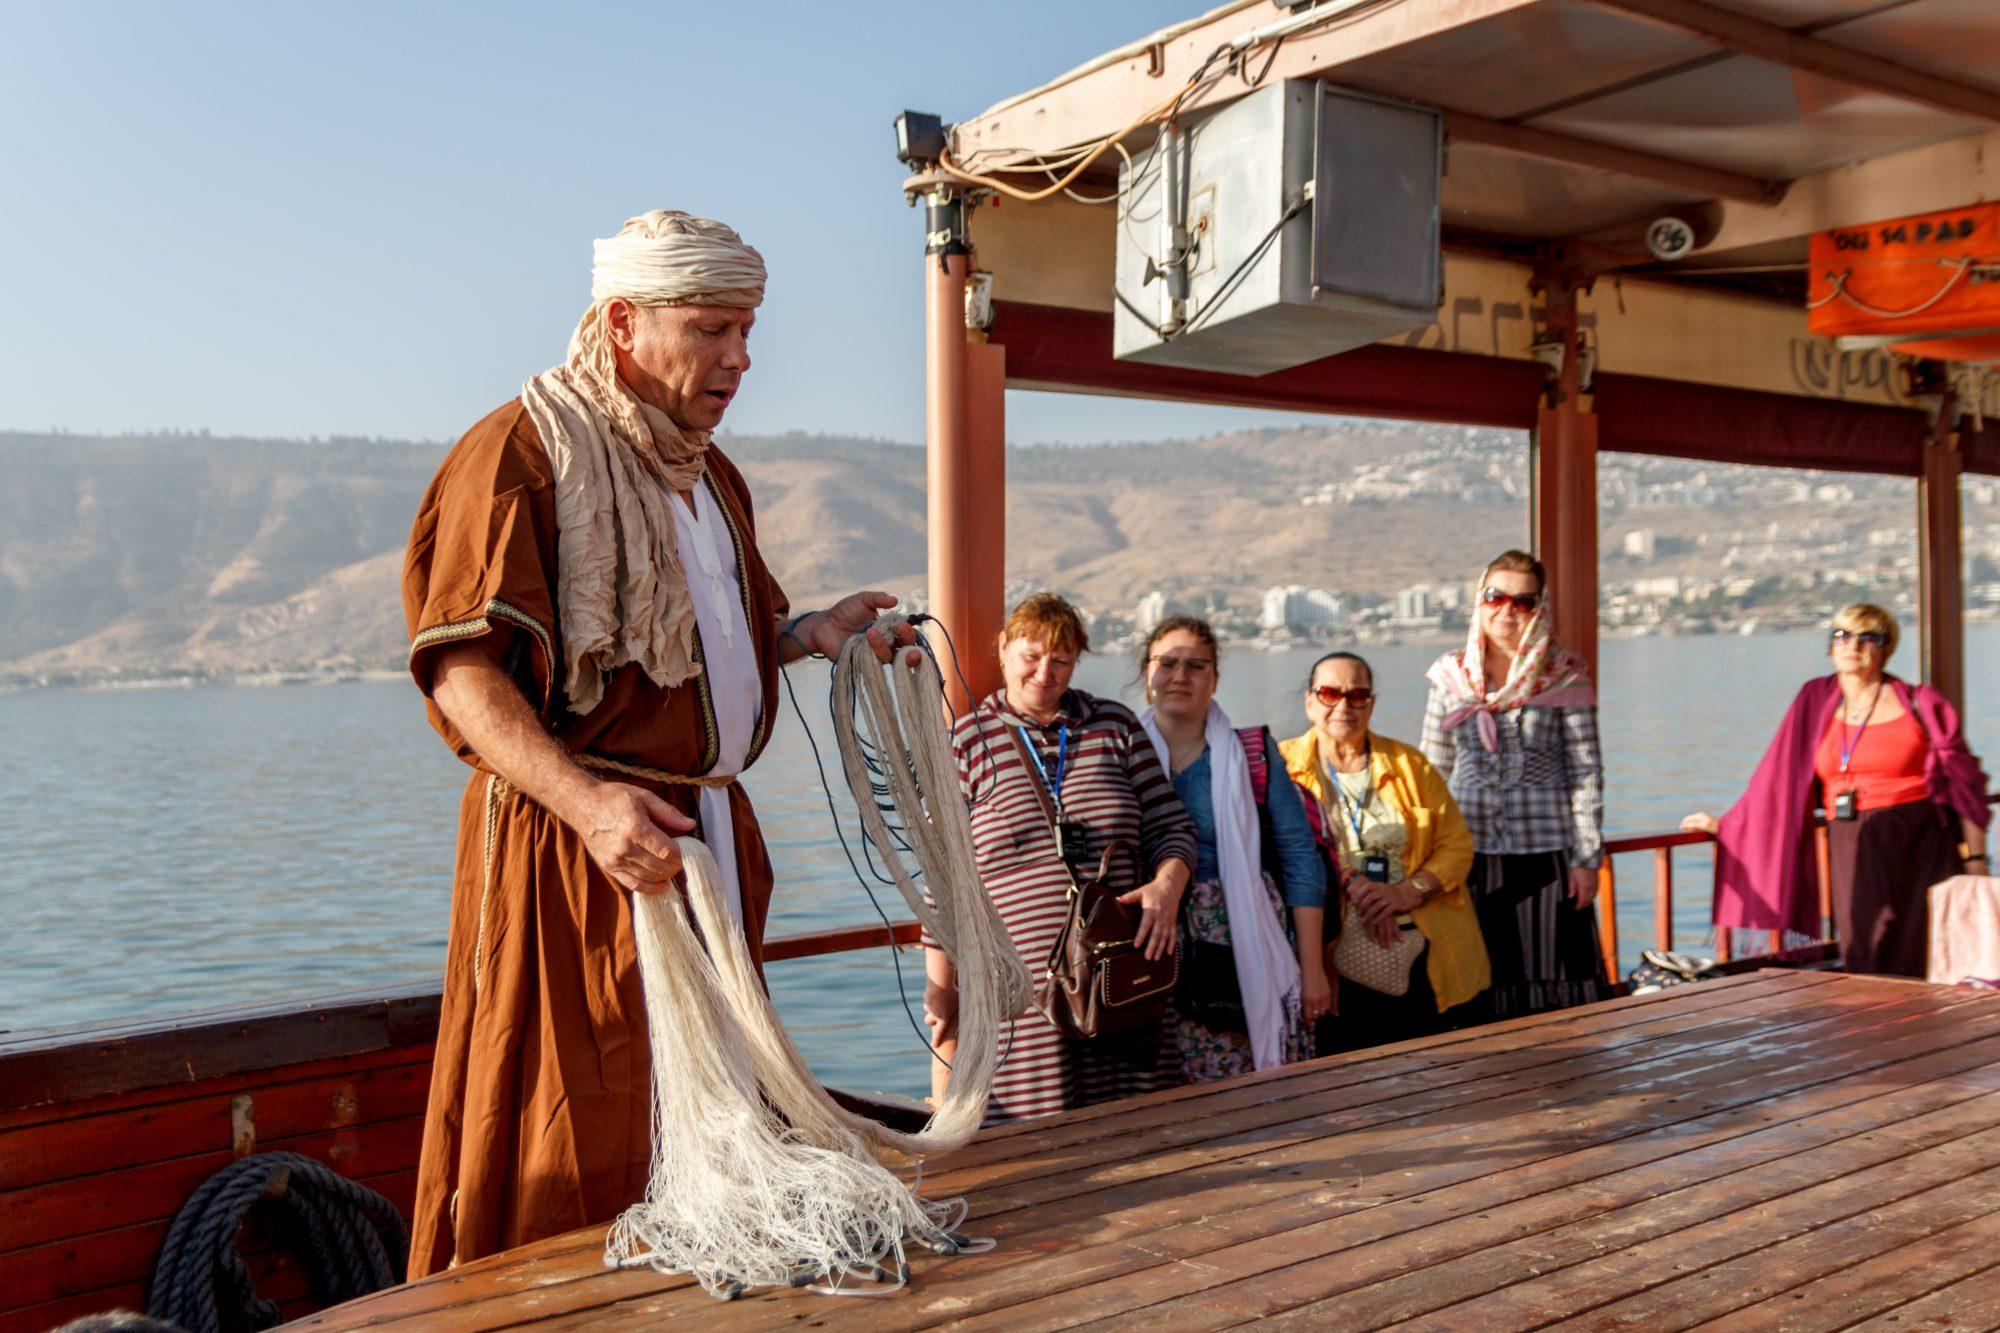 Наш гид Андрей Никсон демонстрирует как ловили рыбу во времена апостолов